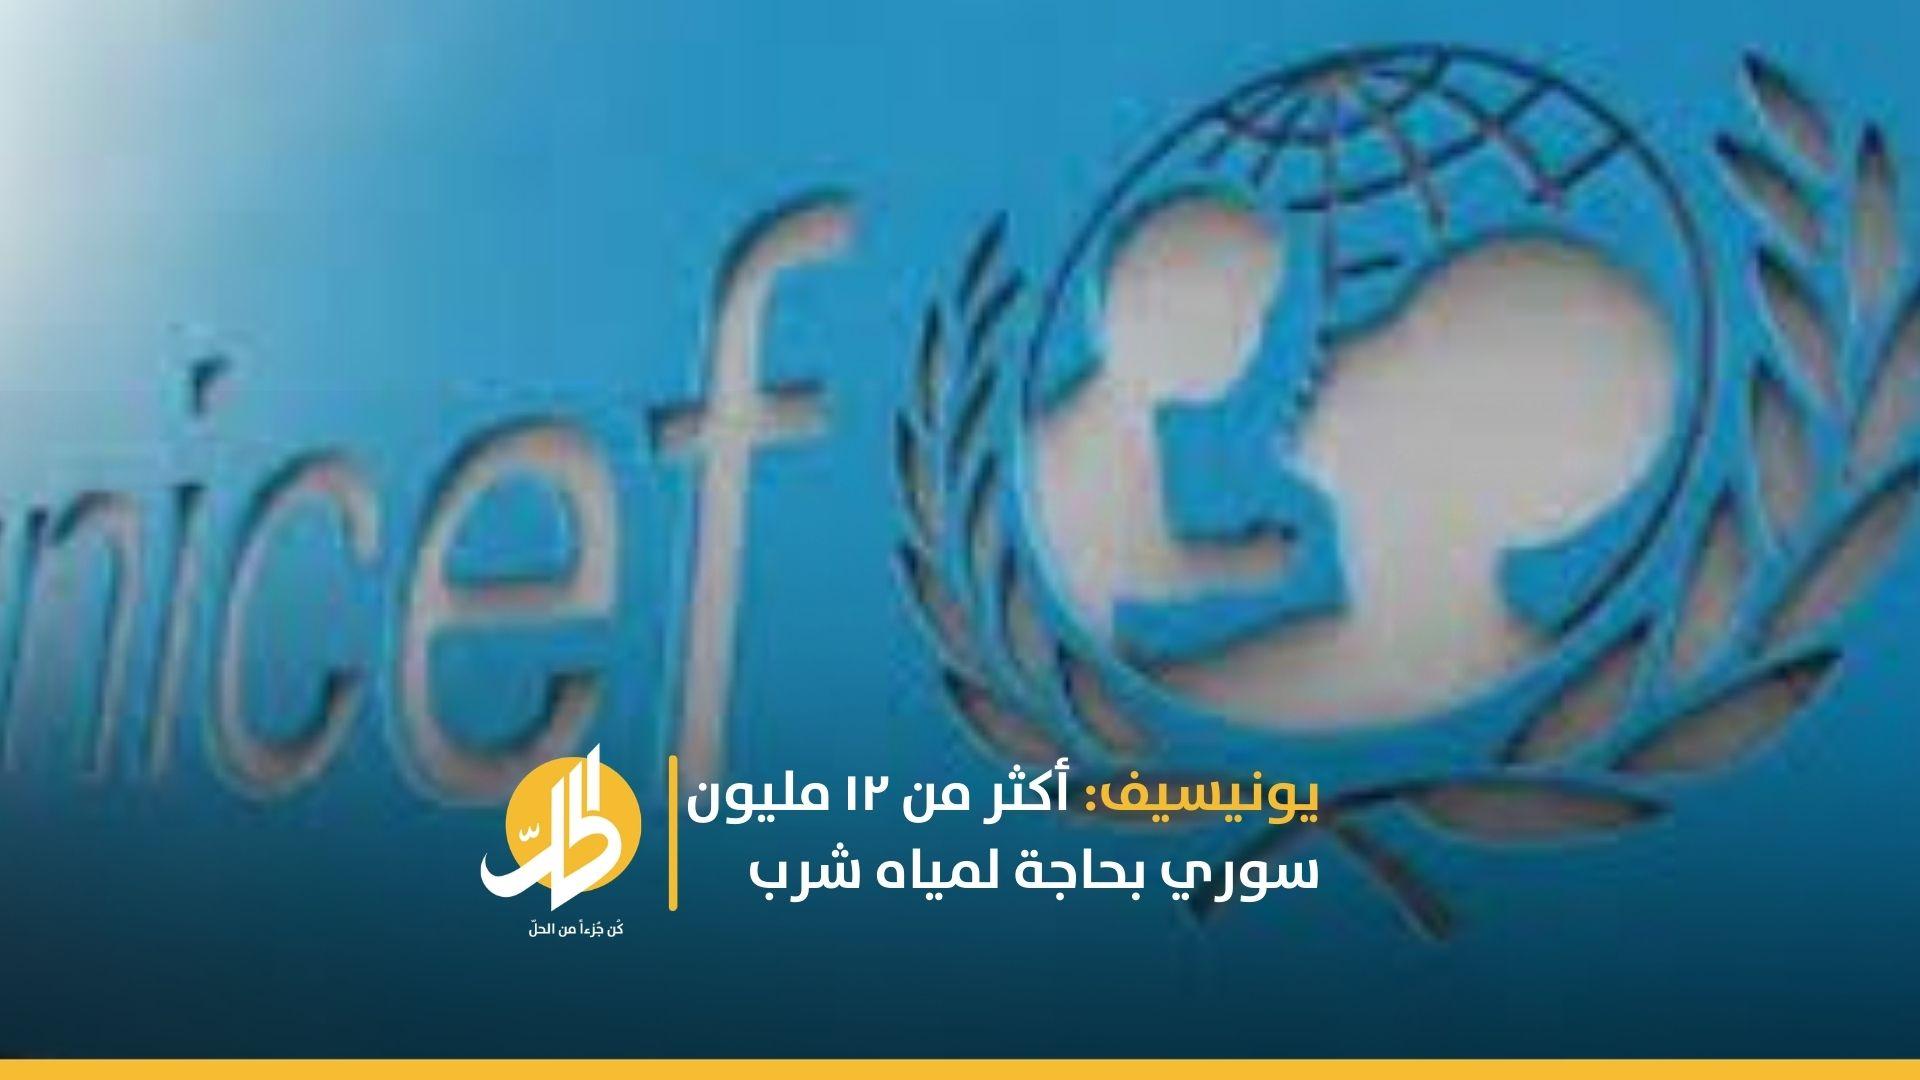 يونيسيف: أكثر من 12 مليون سوري بحاجة لمياه شرب